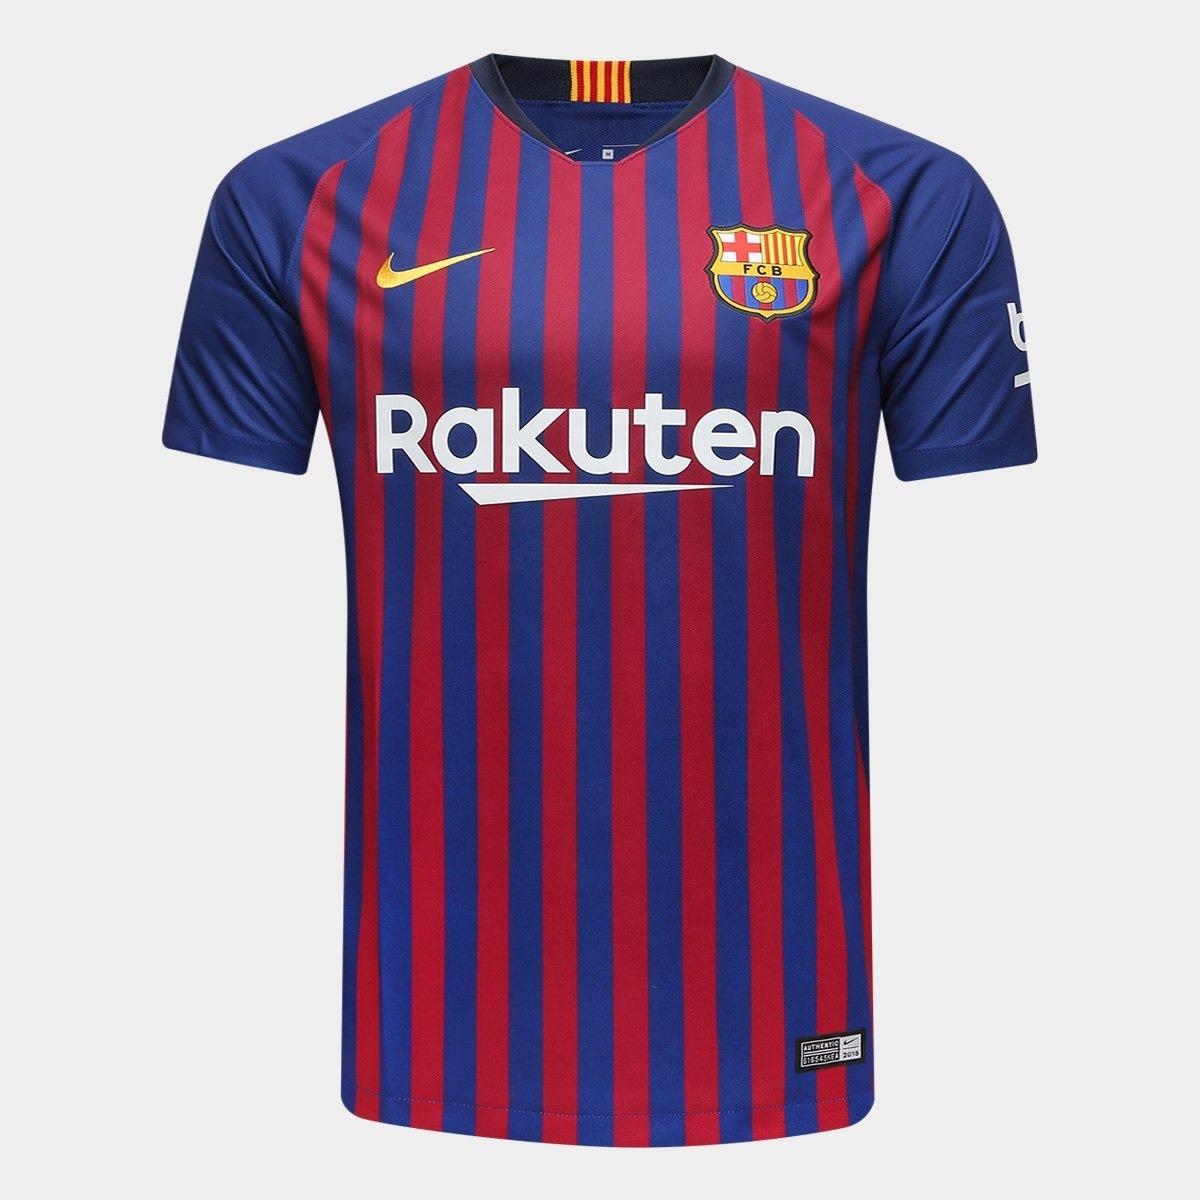 camisa barcelona 18 19 100% original frete gratis. Carregando zoom. a6ed520260f89